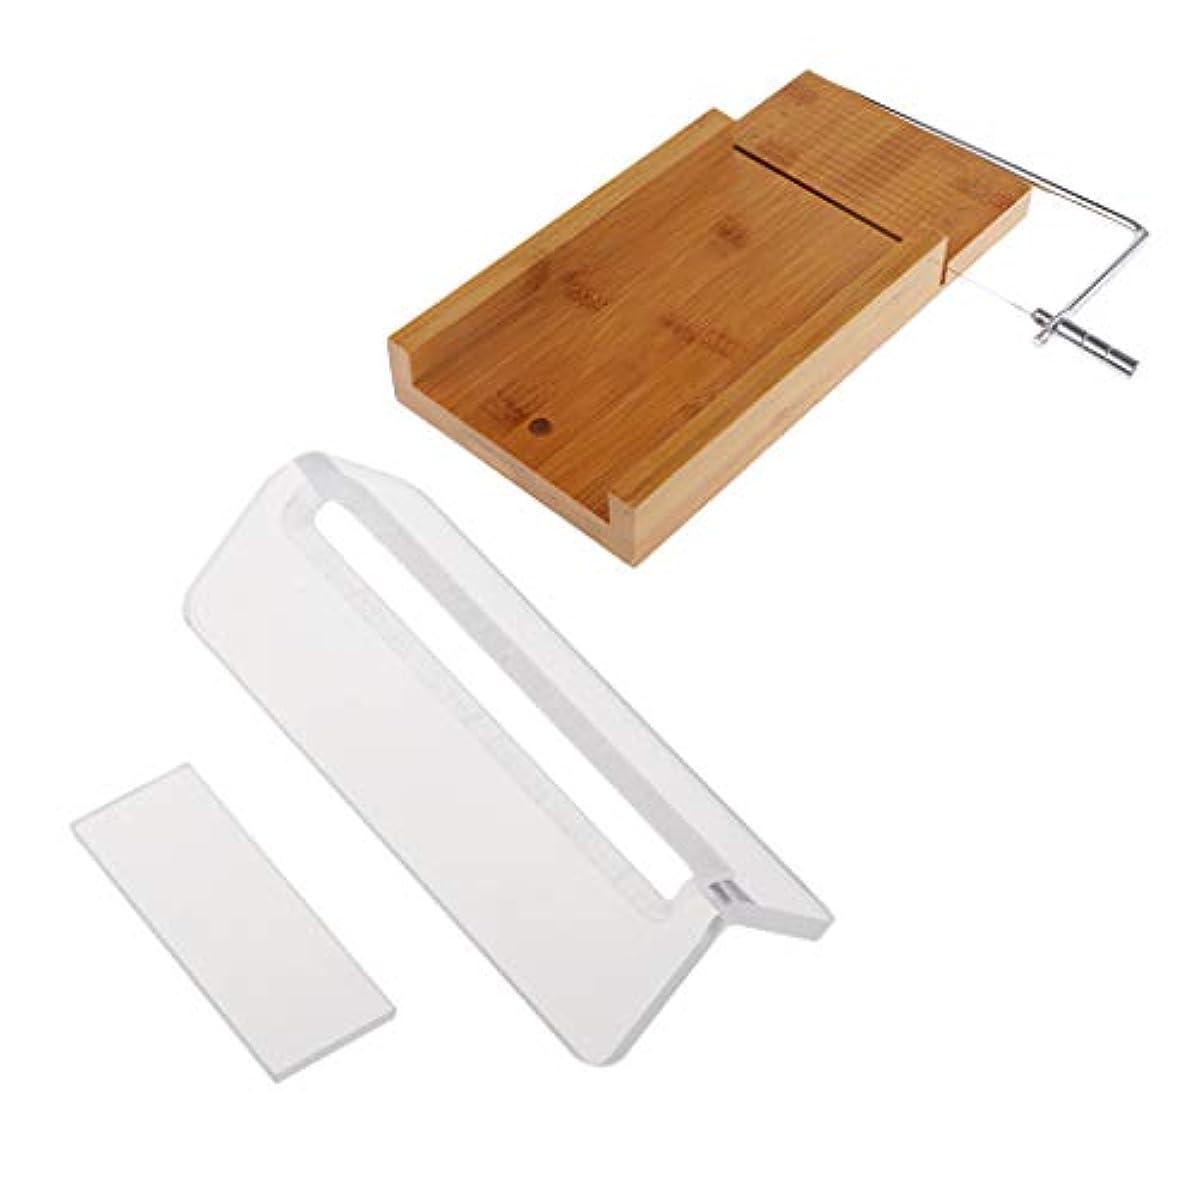 適切な寝室歯痛FLAMEER ローフカッター 木製 ソープ包丁 石鹸カッター 手作り石鹸 DIY キッチン用品 2個入り